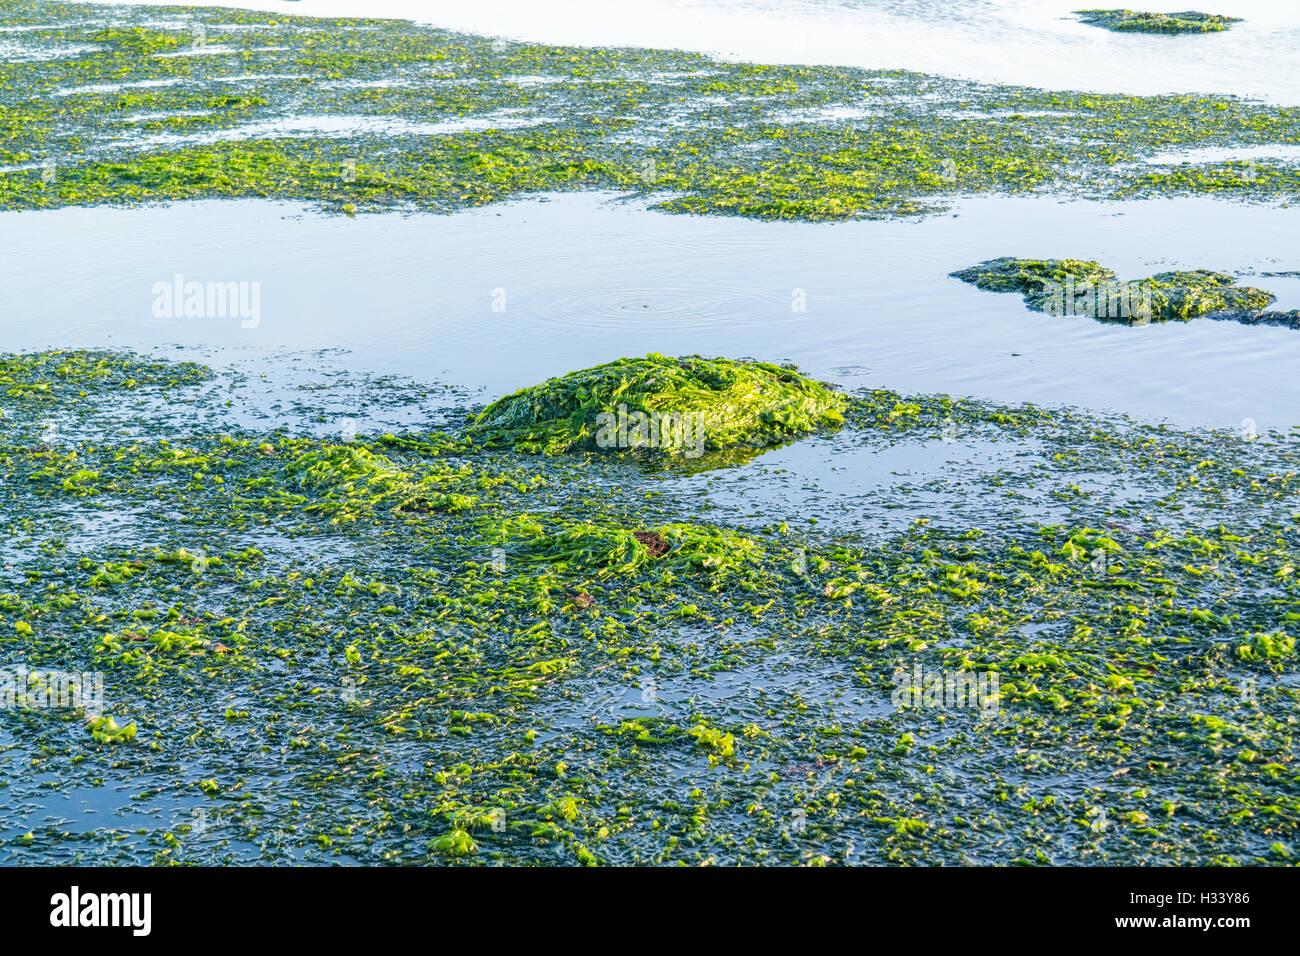 Flotando a la lechuga de mar, Ulva lactuca, sobre la superficie del agua en la marea baja de Waddensea, Países Bajos Foto de stock